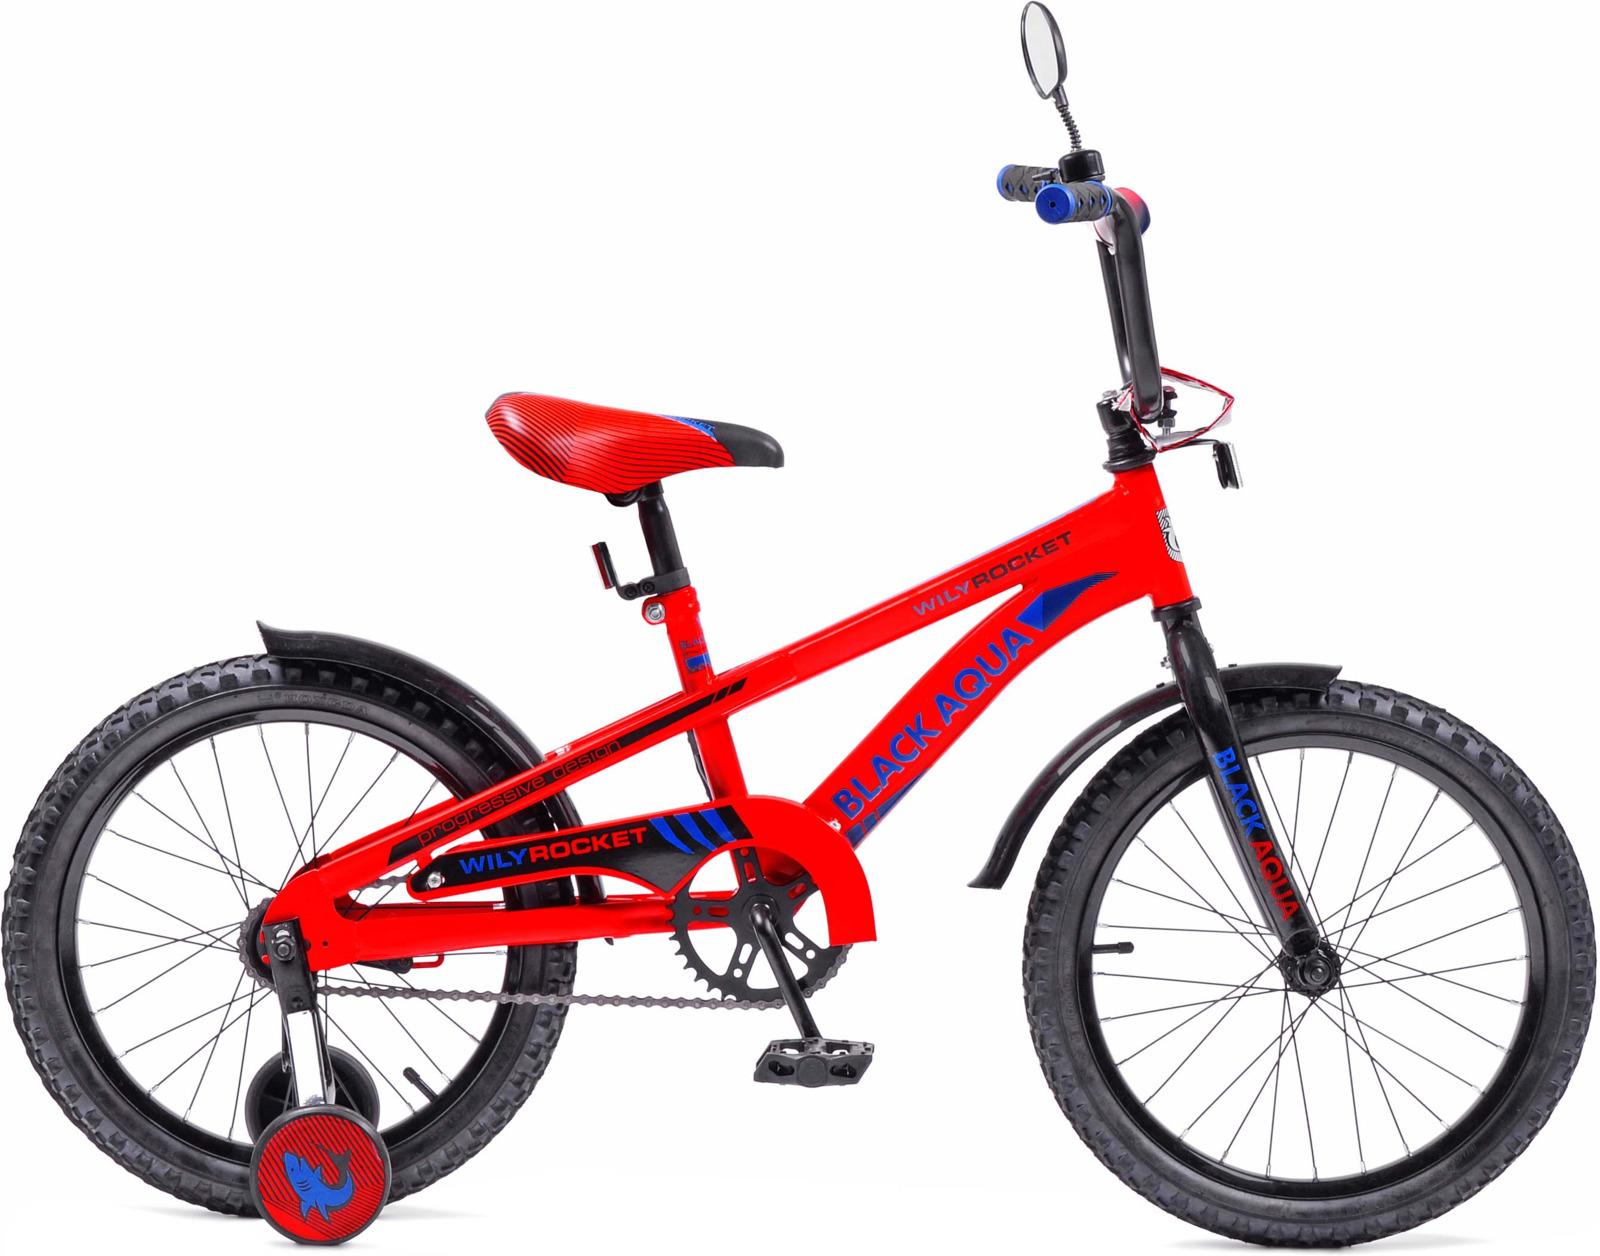 Велосипед детский Black Aqua Wily Rocket, KG2008, колесо 20, огненно-красный